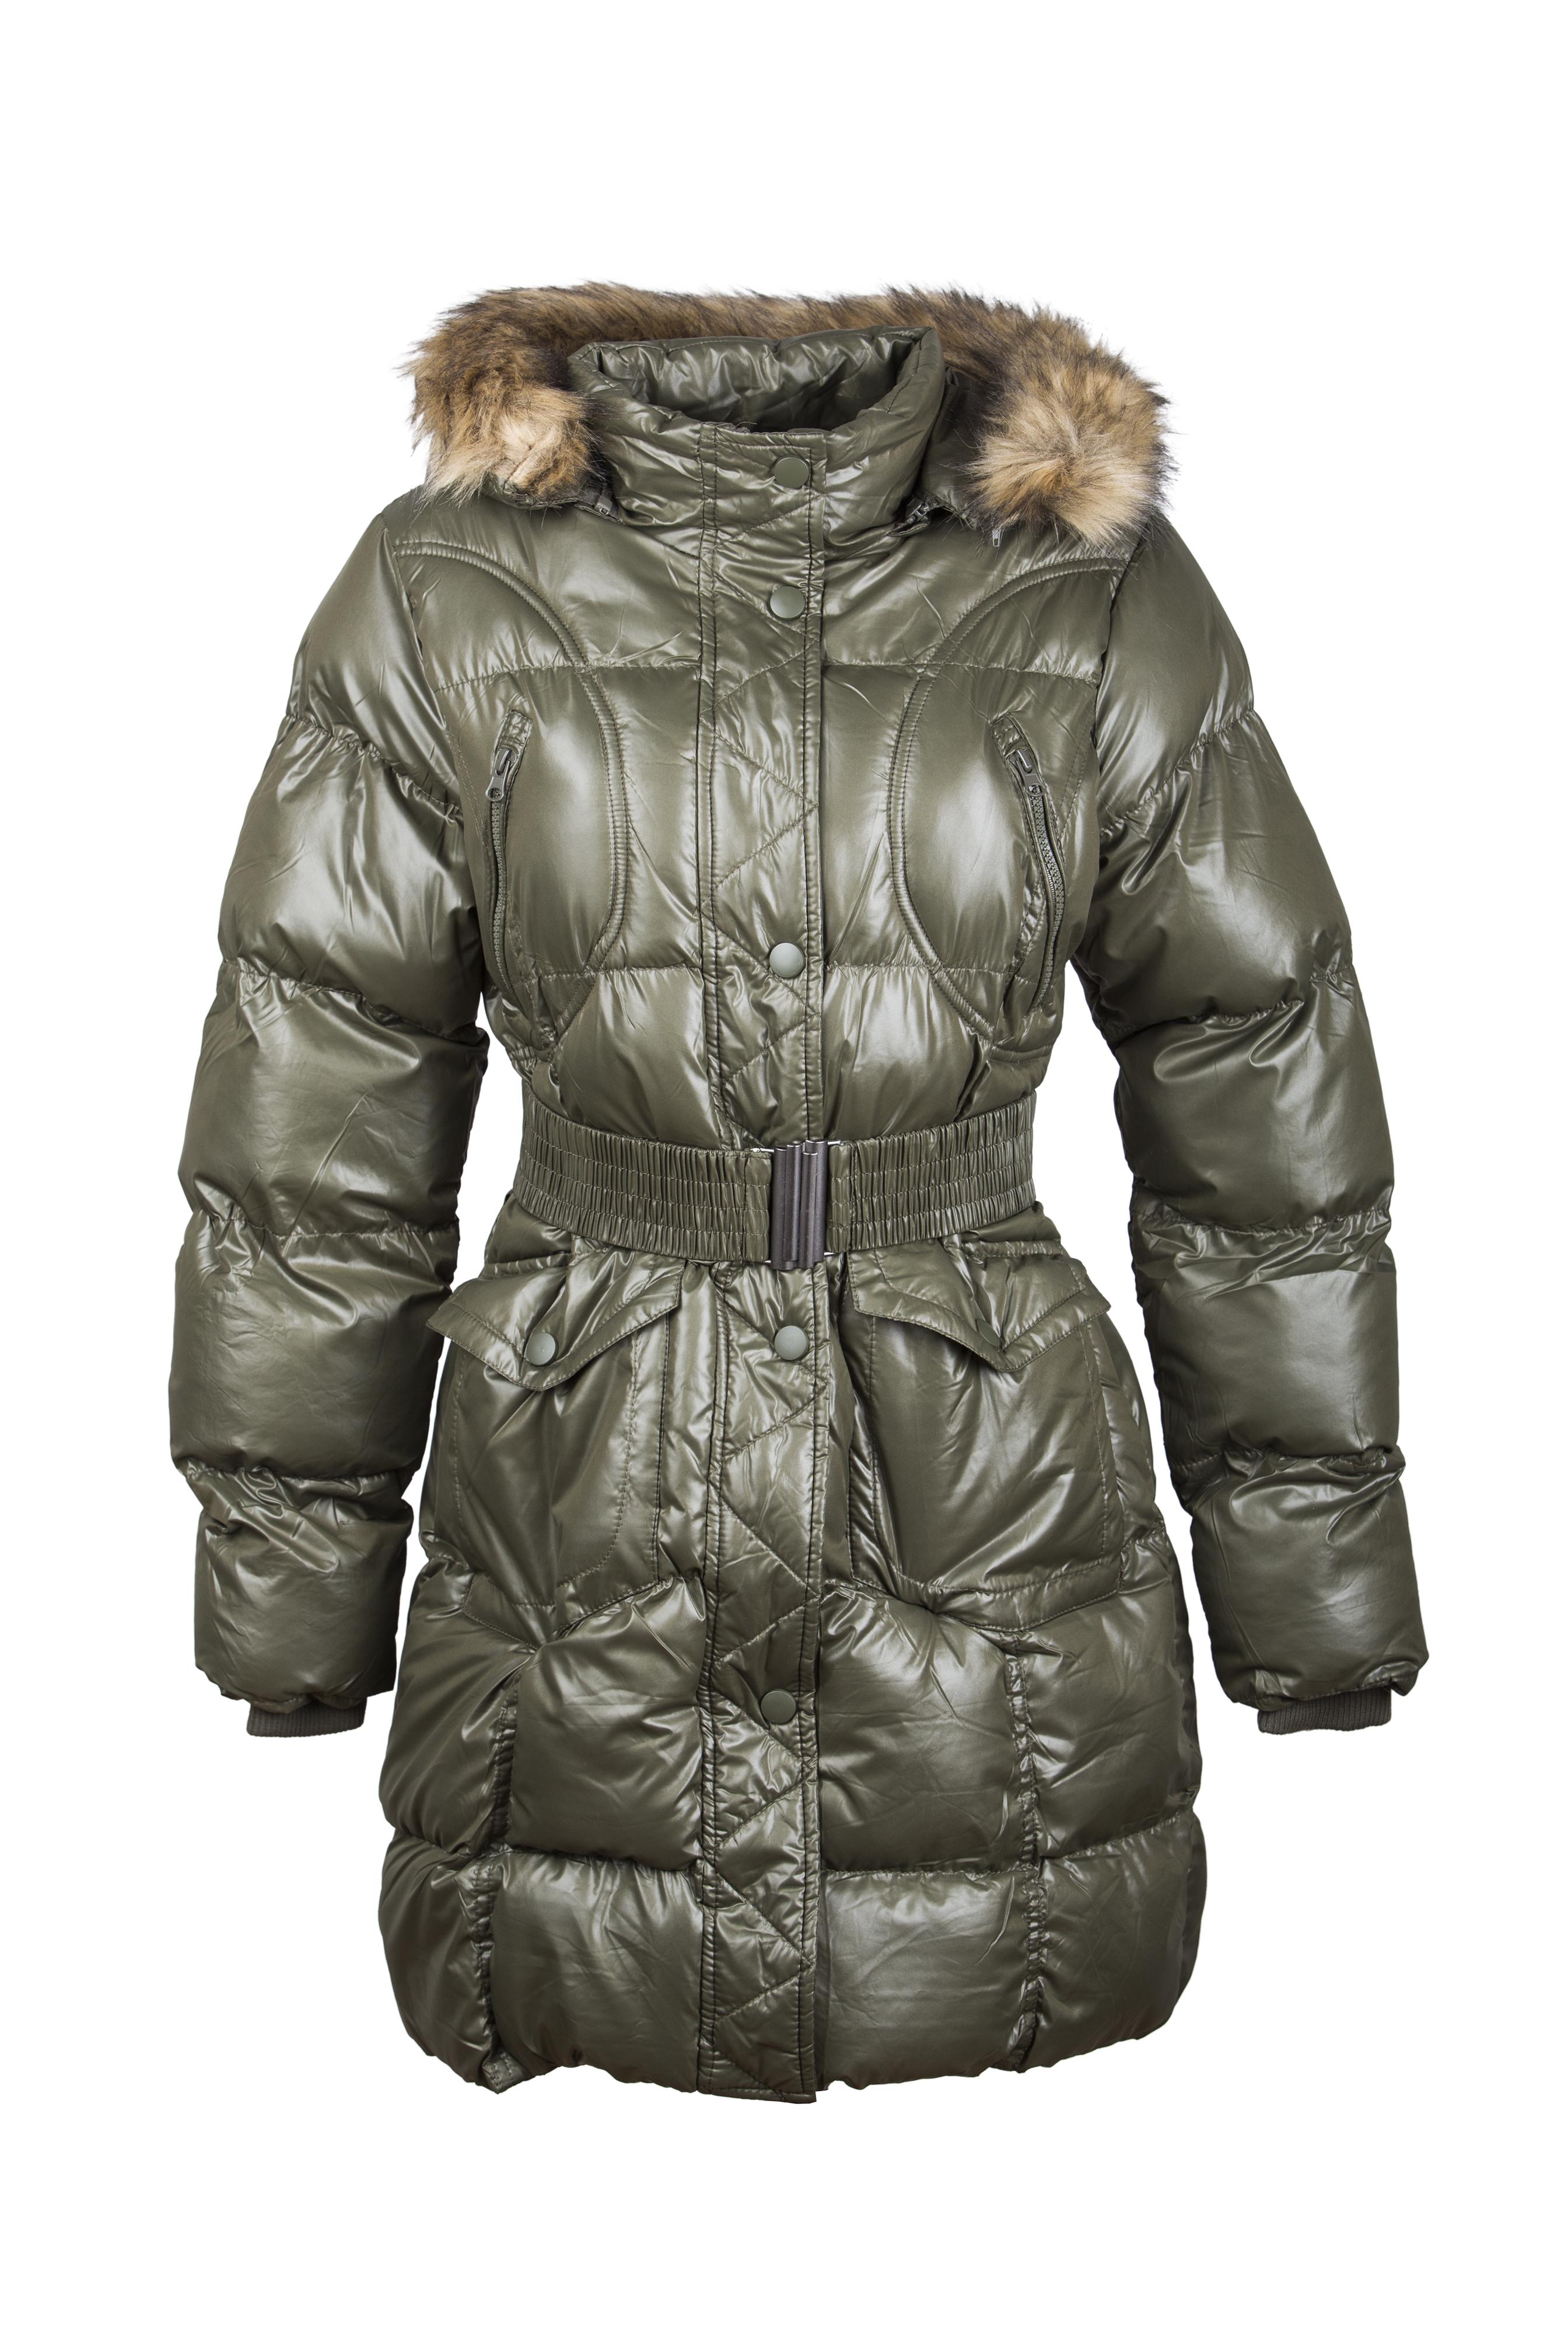 5931d9cc9f8c Dámská kolekce bund a kabátů podzim-zima 2014. breadcrumbs. Presscentrum ·  Gate · Fotoarchiv · Dámská kolekce bund a kabátů podzim-zima 2014